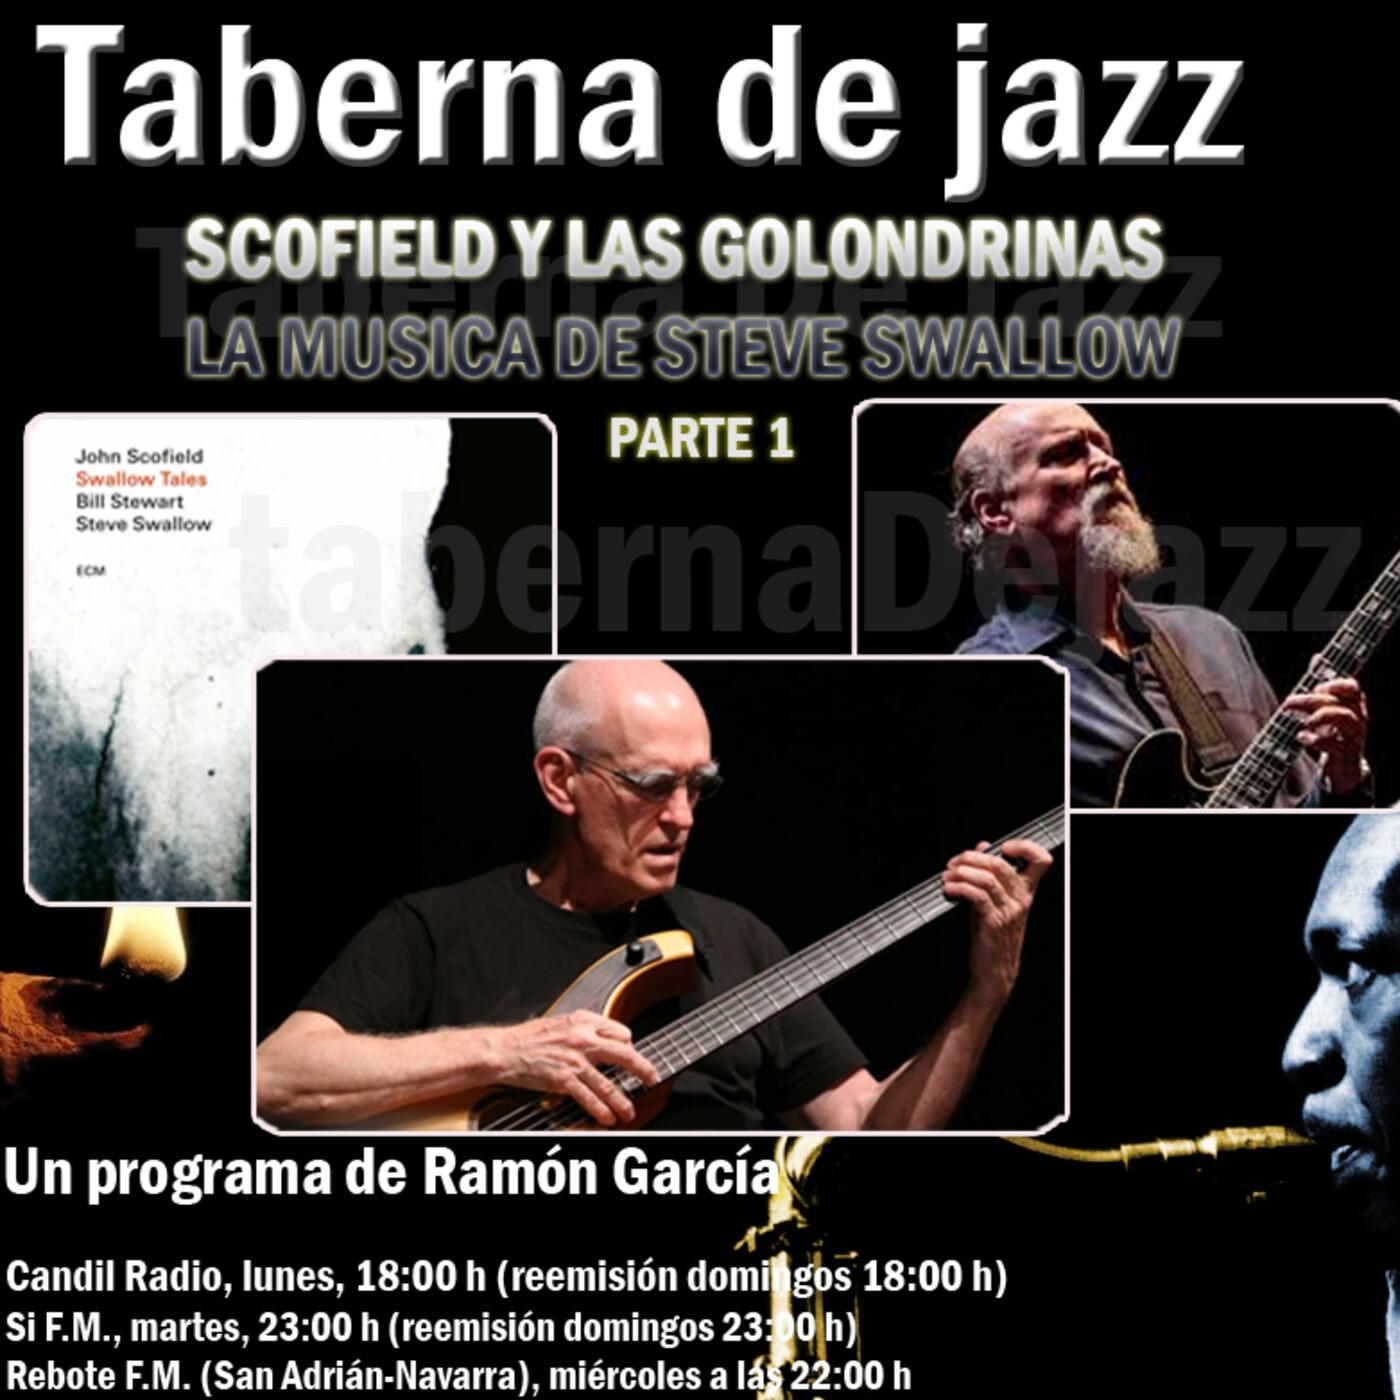 Taberna de JAZZ - 5x35 - Scofield y las golondrinas - La musica de Swallow (Parte 1)